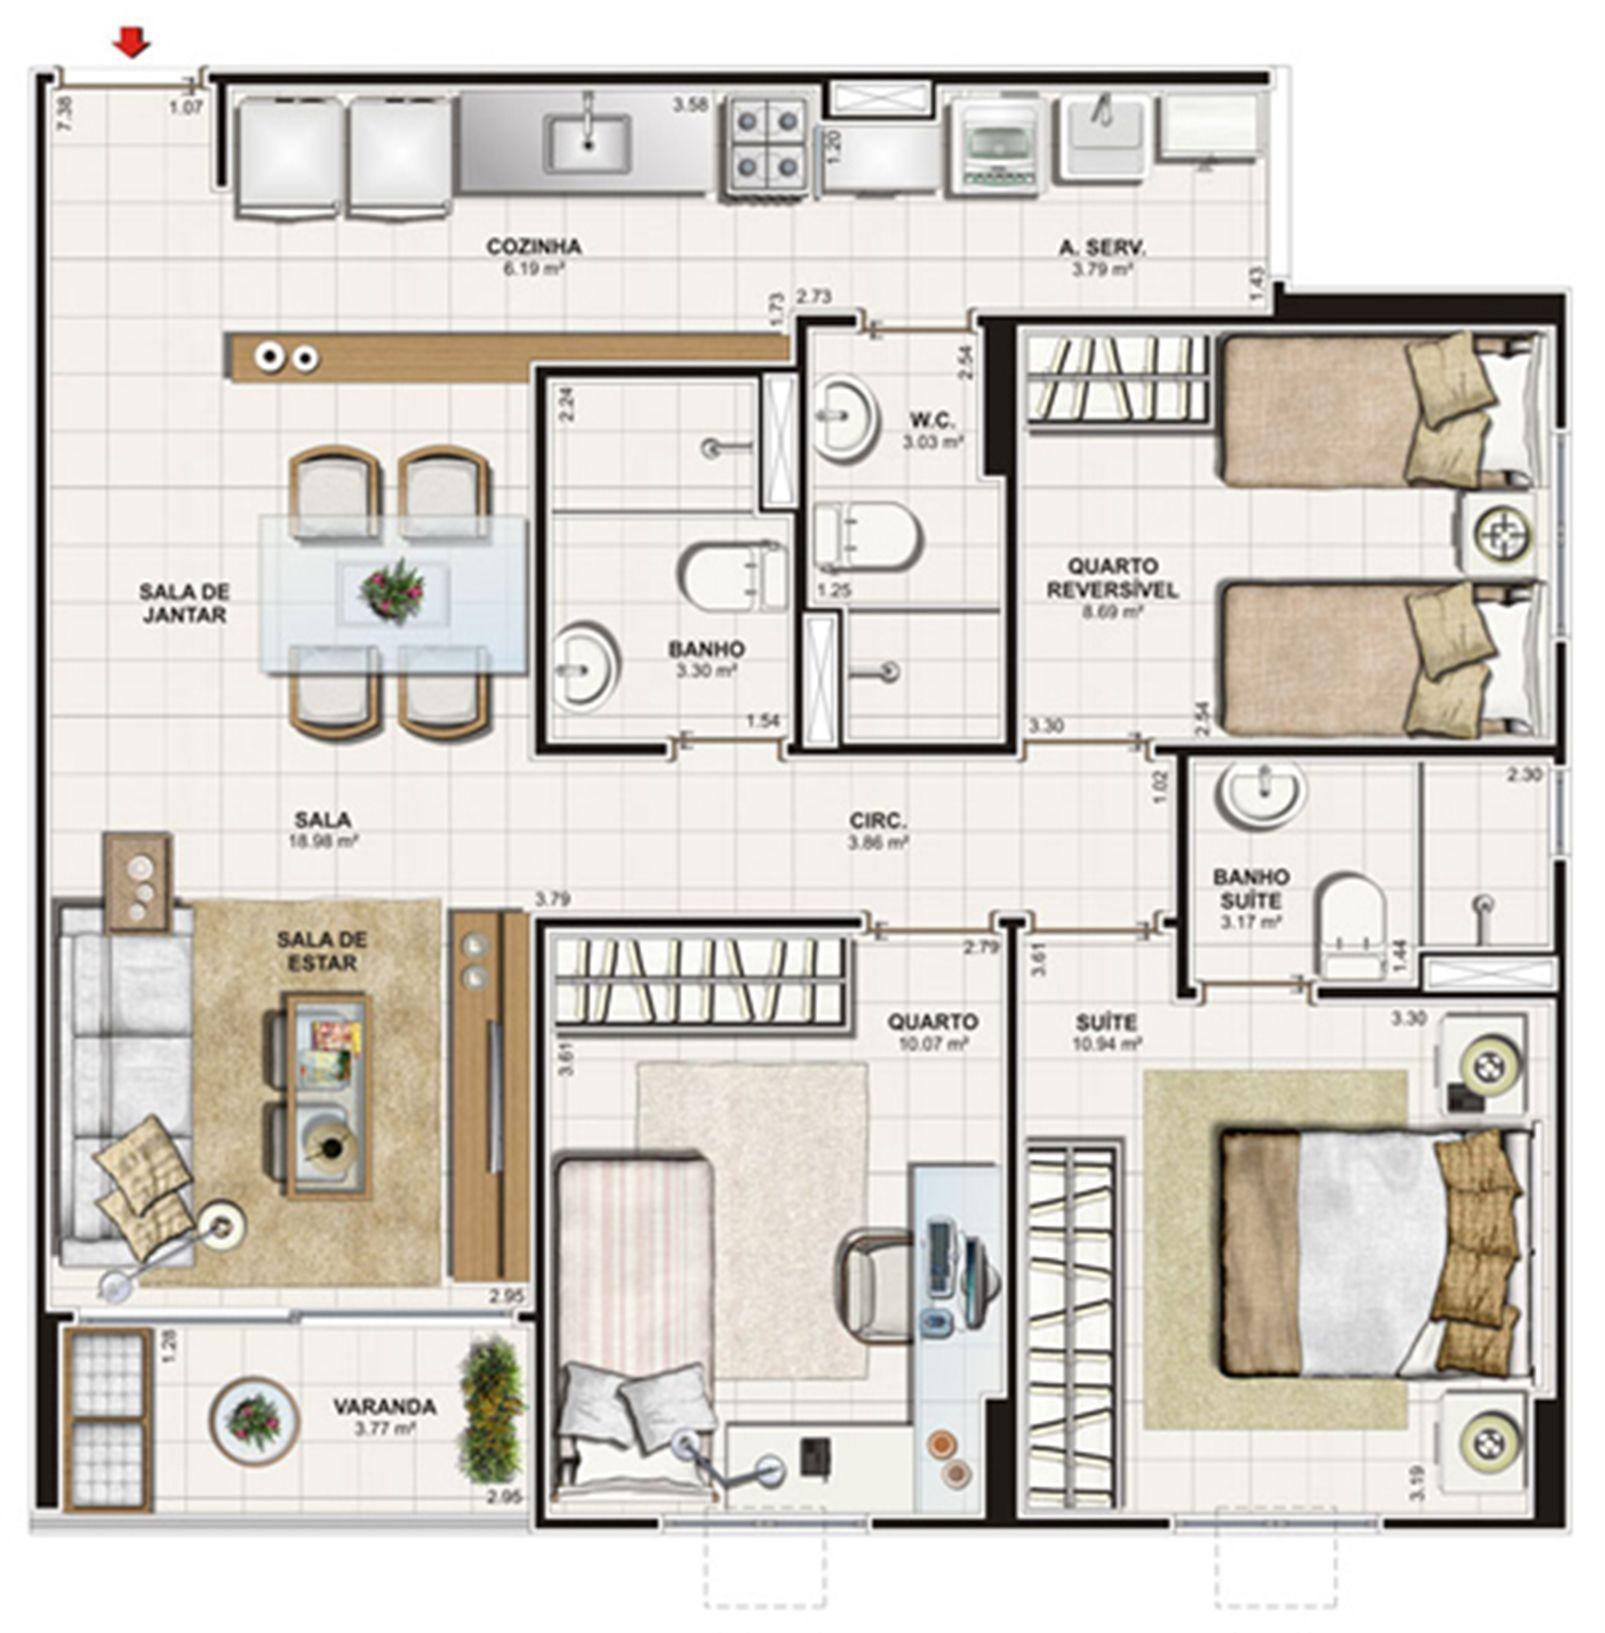 Planta 3 quartos (1 suíte) - 75 m² | Vita Praia - Recife – Apartamentoem  Piedade - Recife - Pernambuco